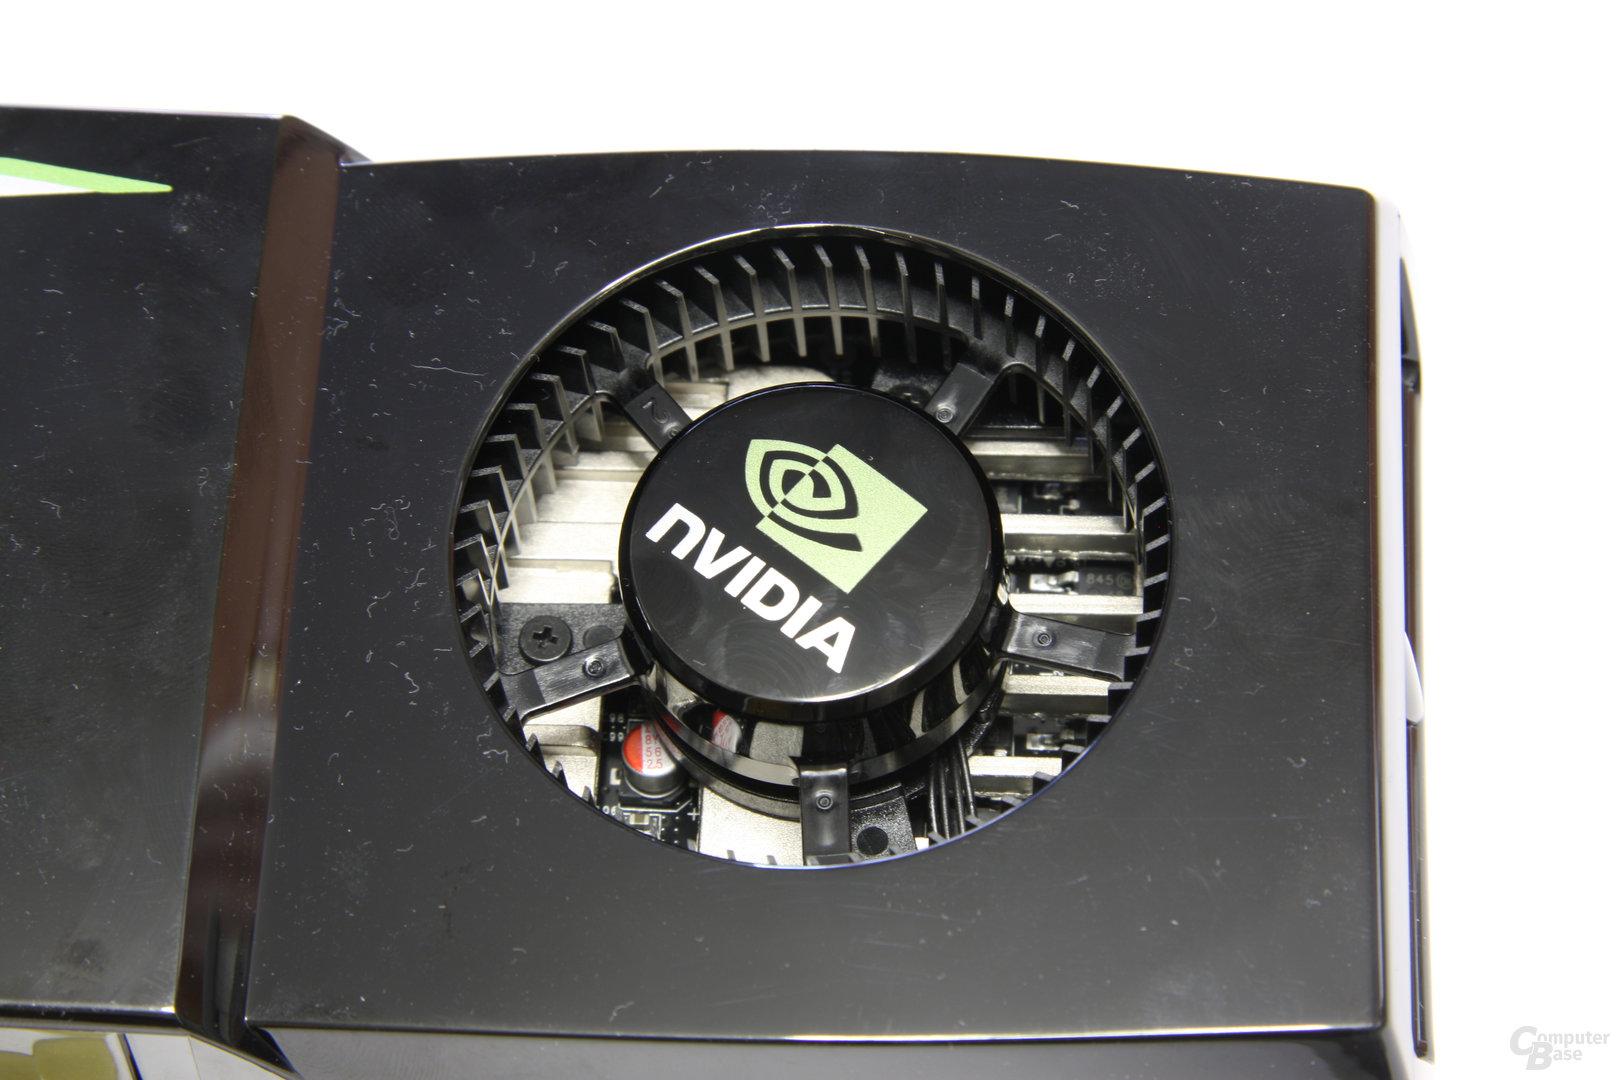 GeForce GTX 275 Lüfter